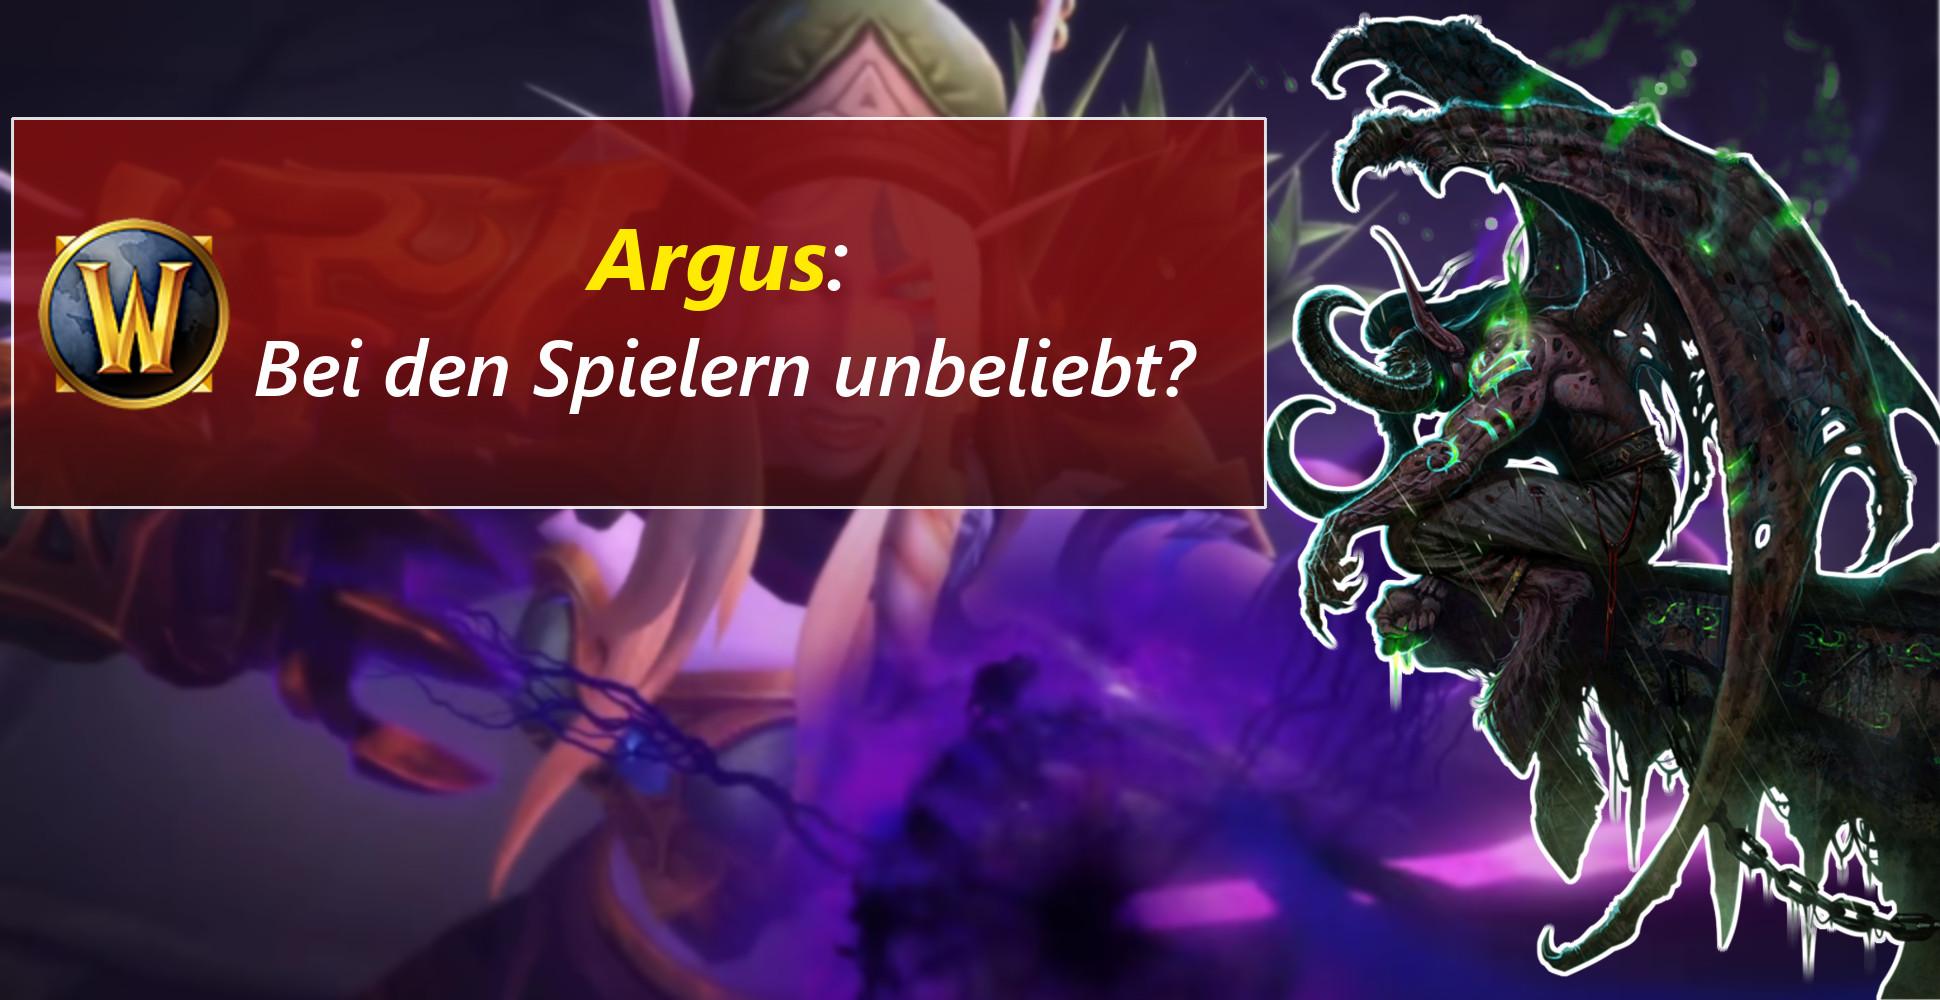 WoW: Warum ist Argus so unbeliebt?